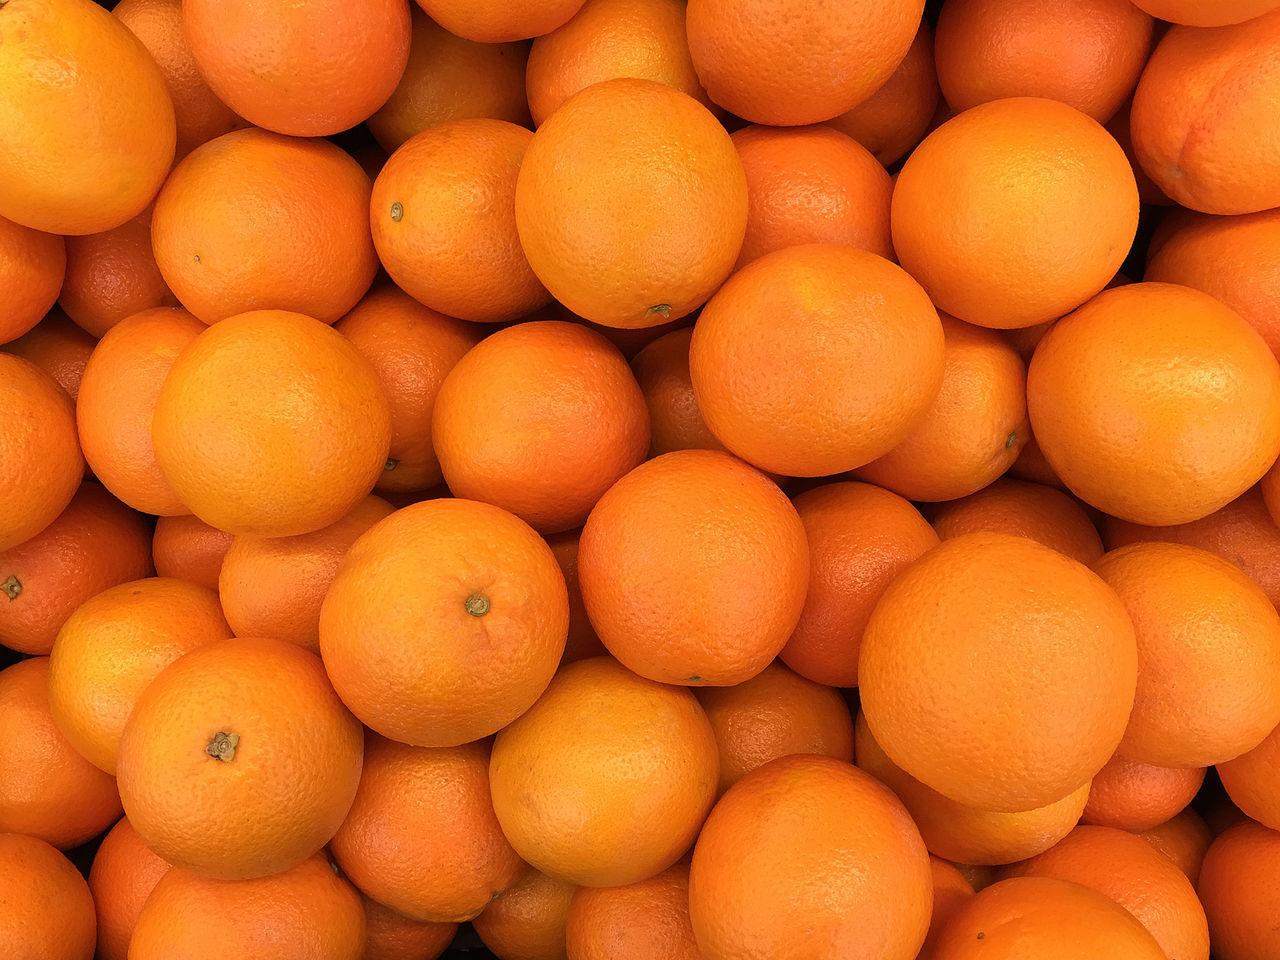 Backgrounds Freshness Fruit Fruits Health Healthy Healthy Eating Market Multiple Orange Orange Color Storage